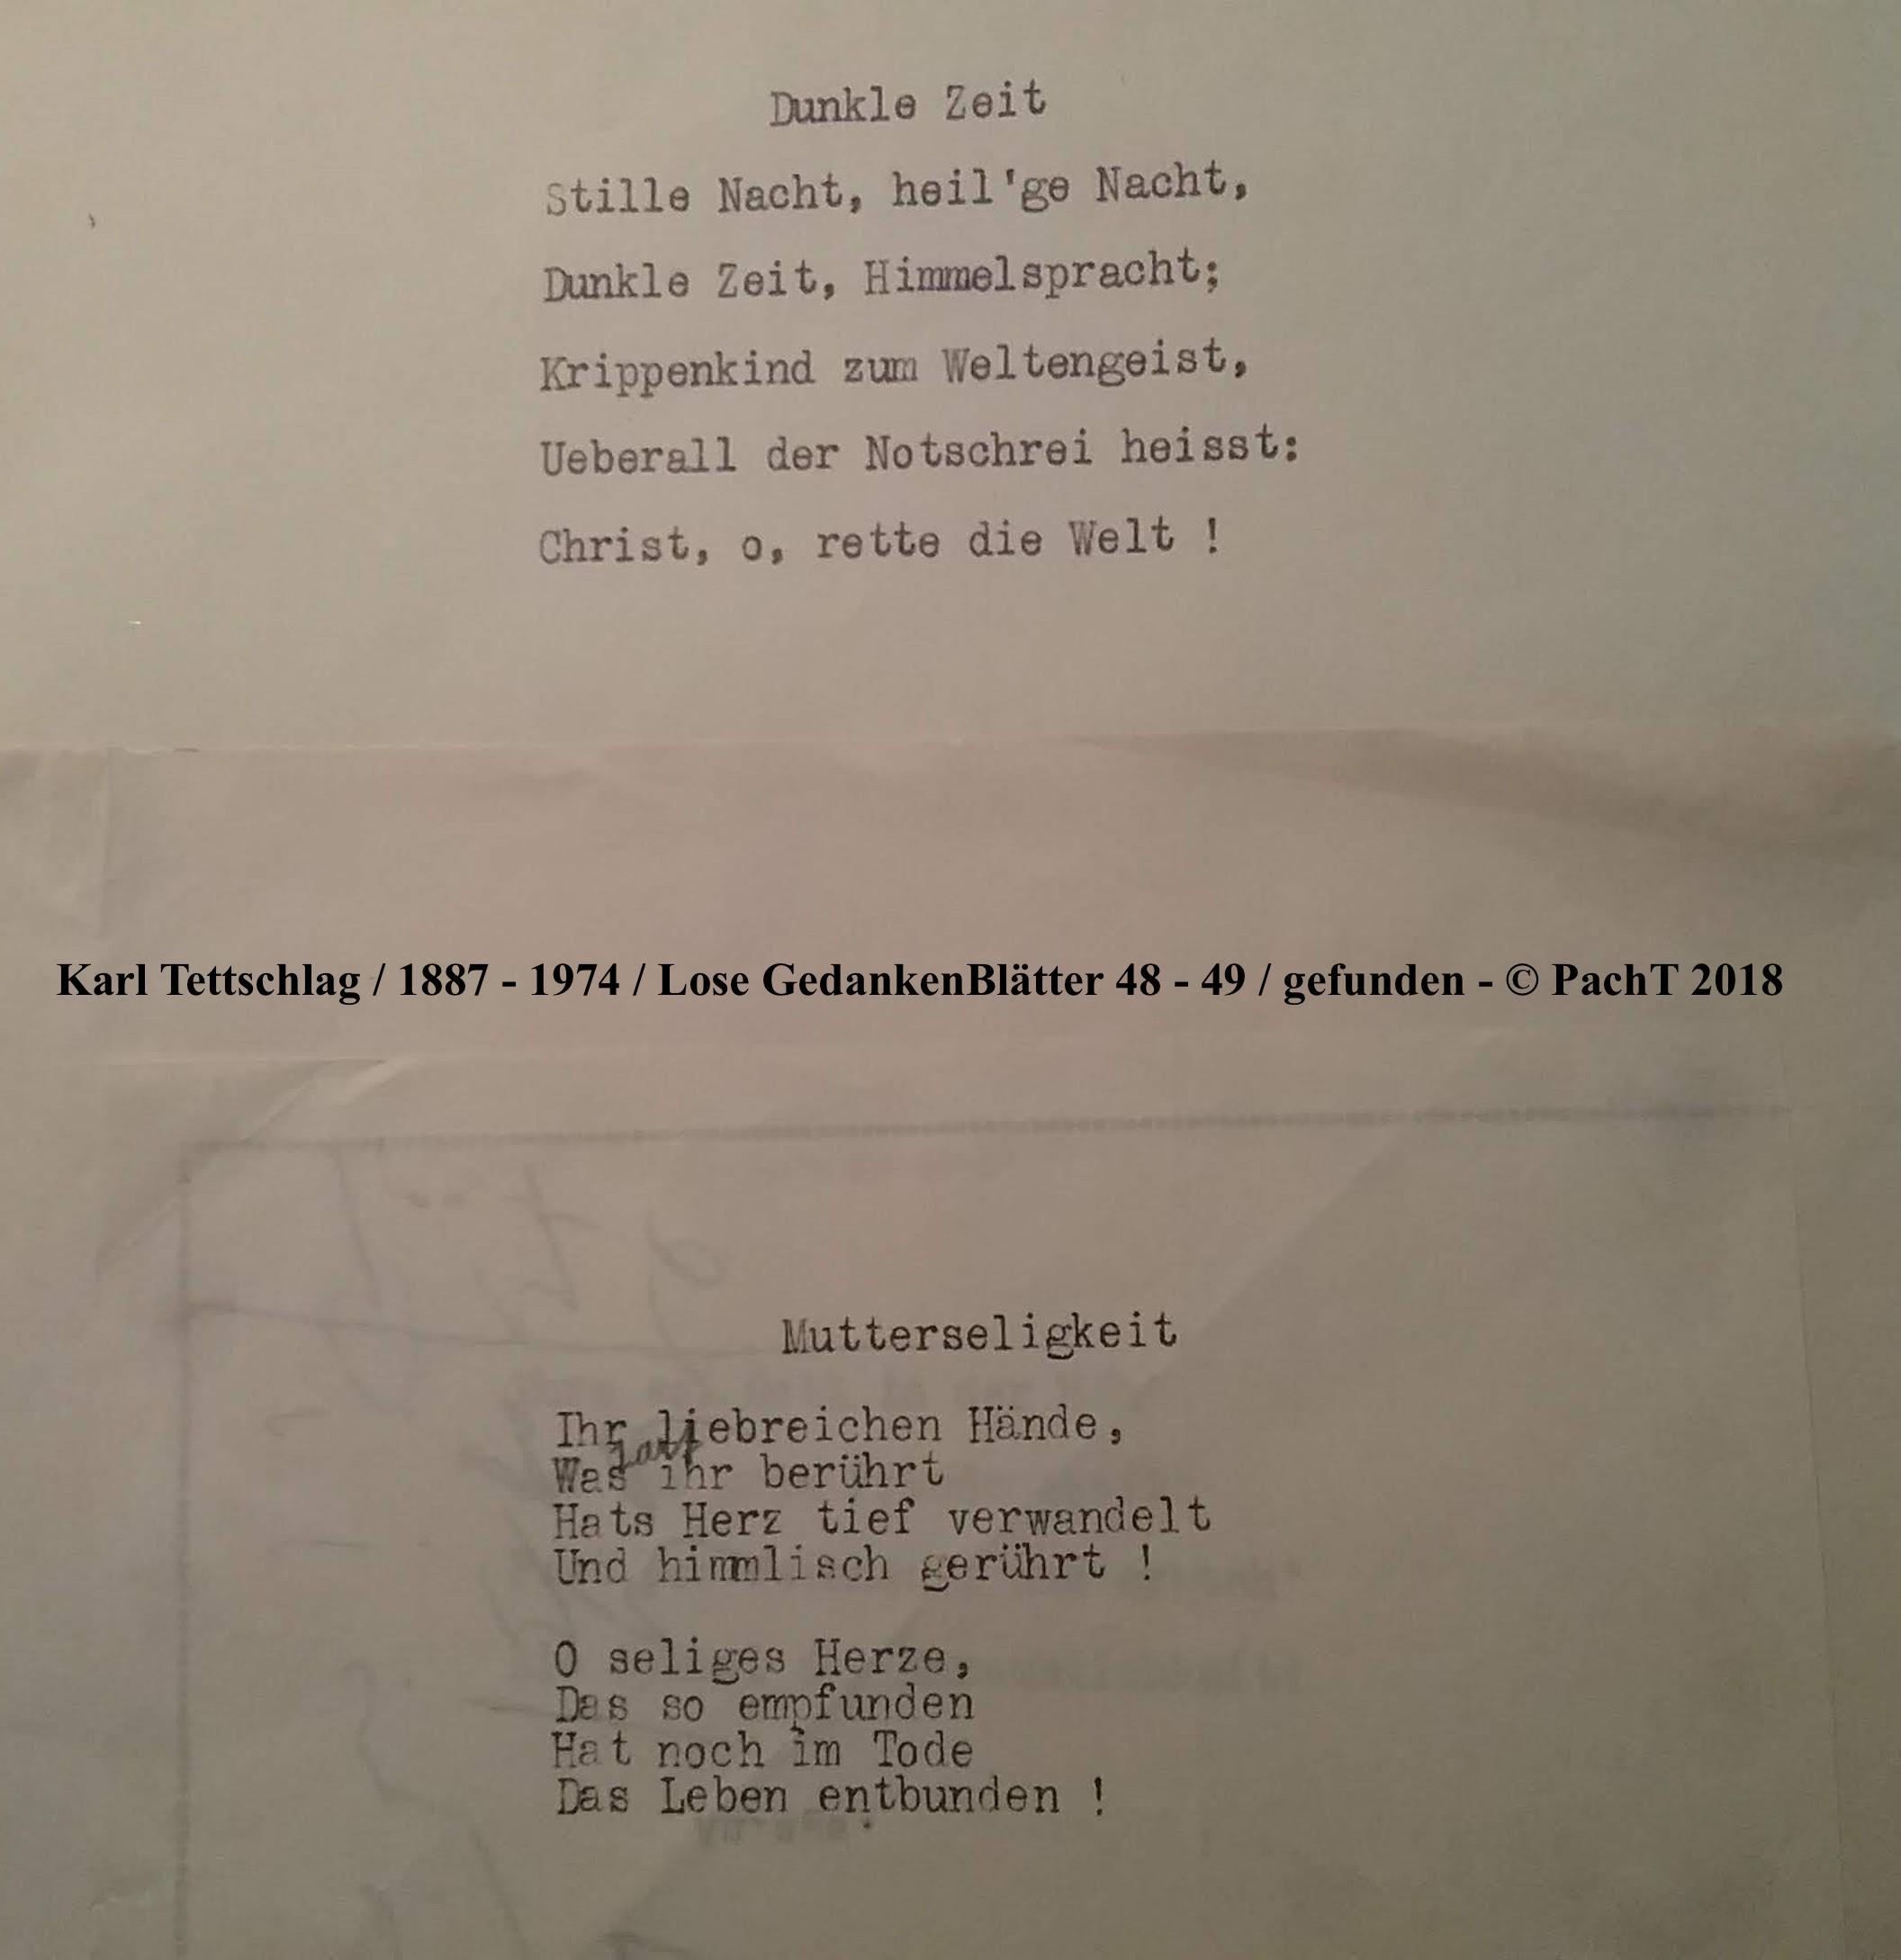 1887 - 1974 Erinnerungen an meinen Opa _ Lose GedankenBlätter 48_49